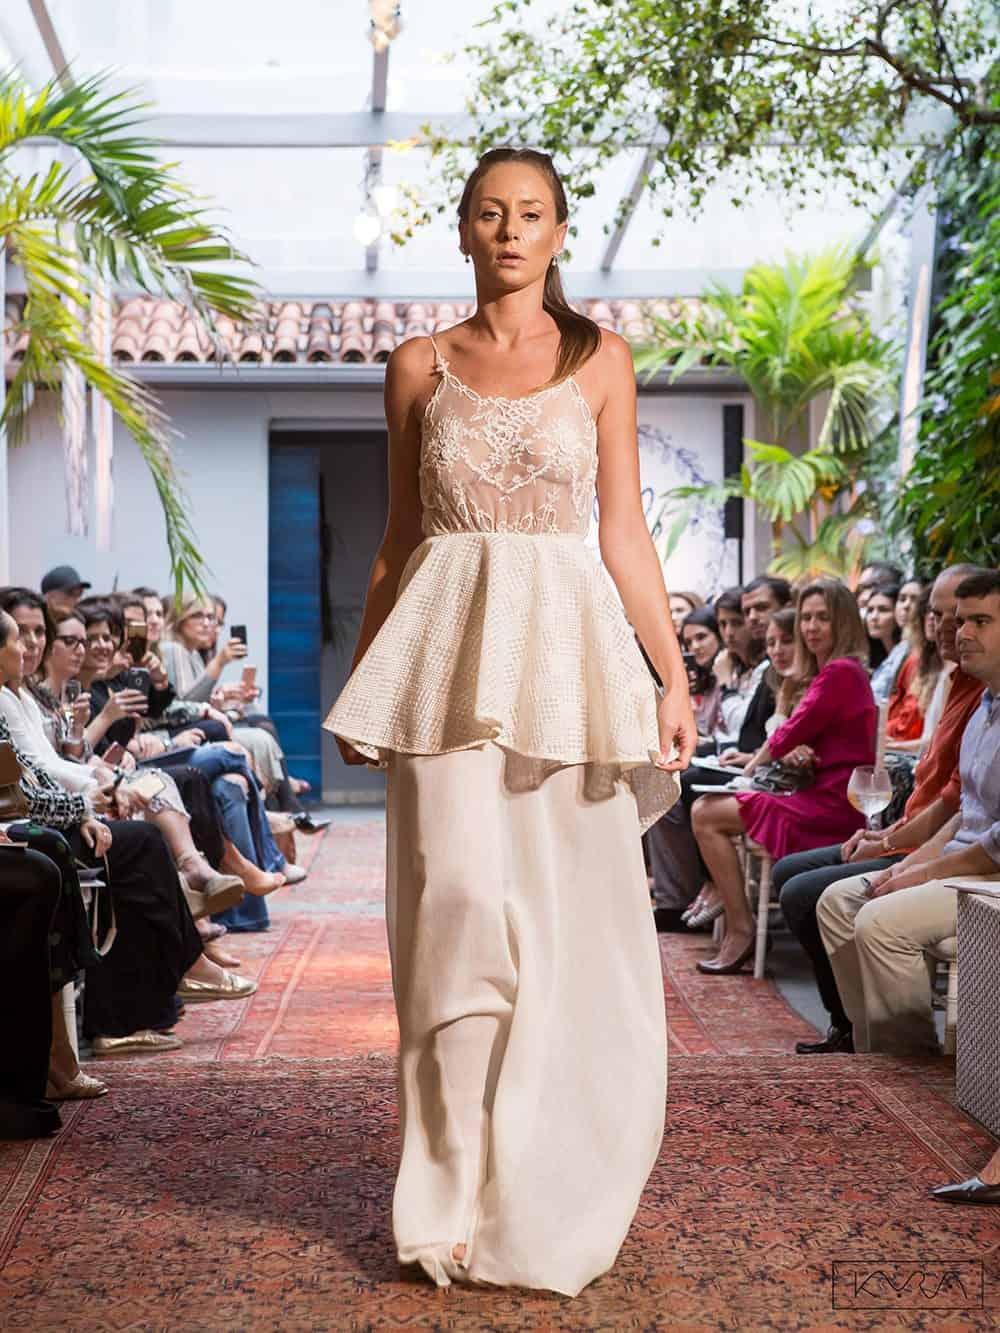 desfile-vestido-de-noiva-entardecer-julia-golldenzon-foto-kyra-mirsky-112